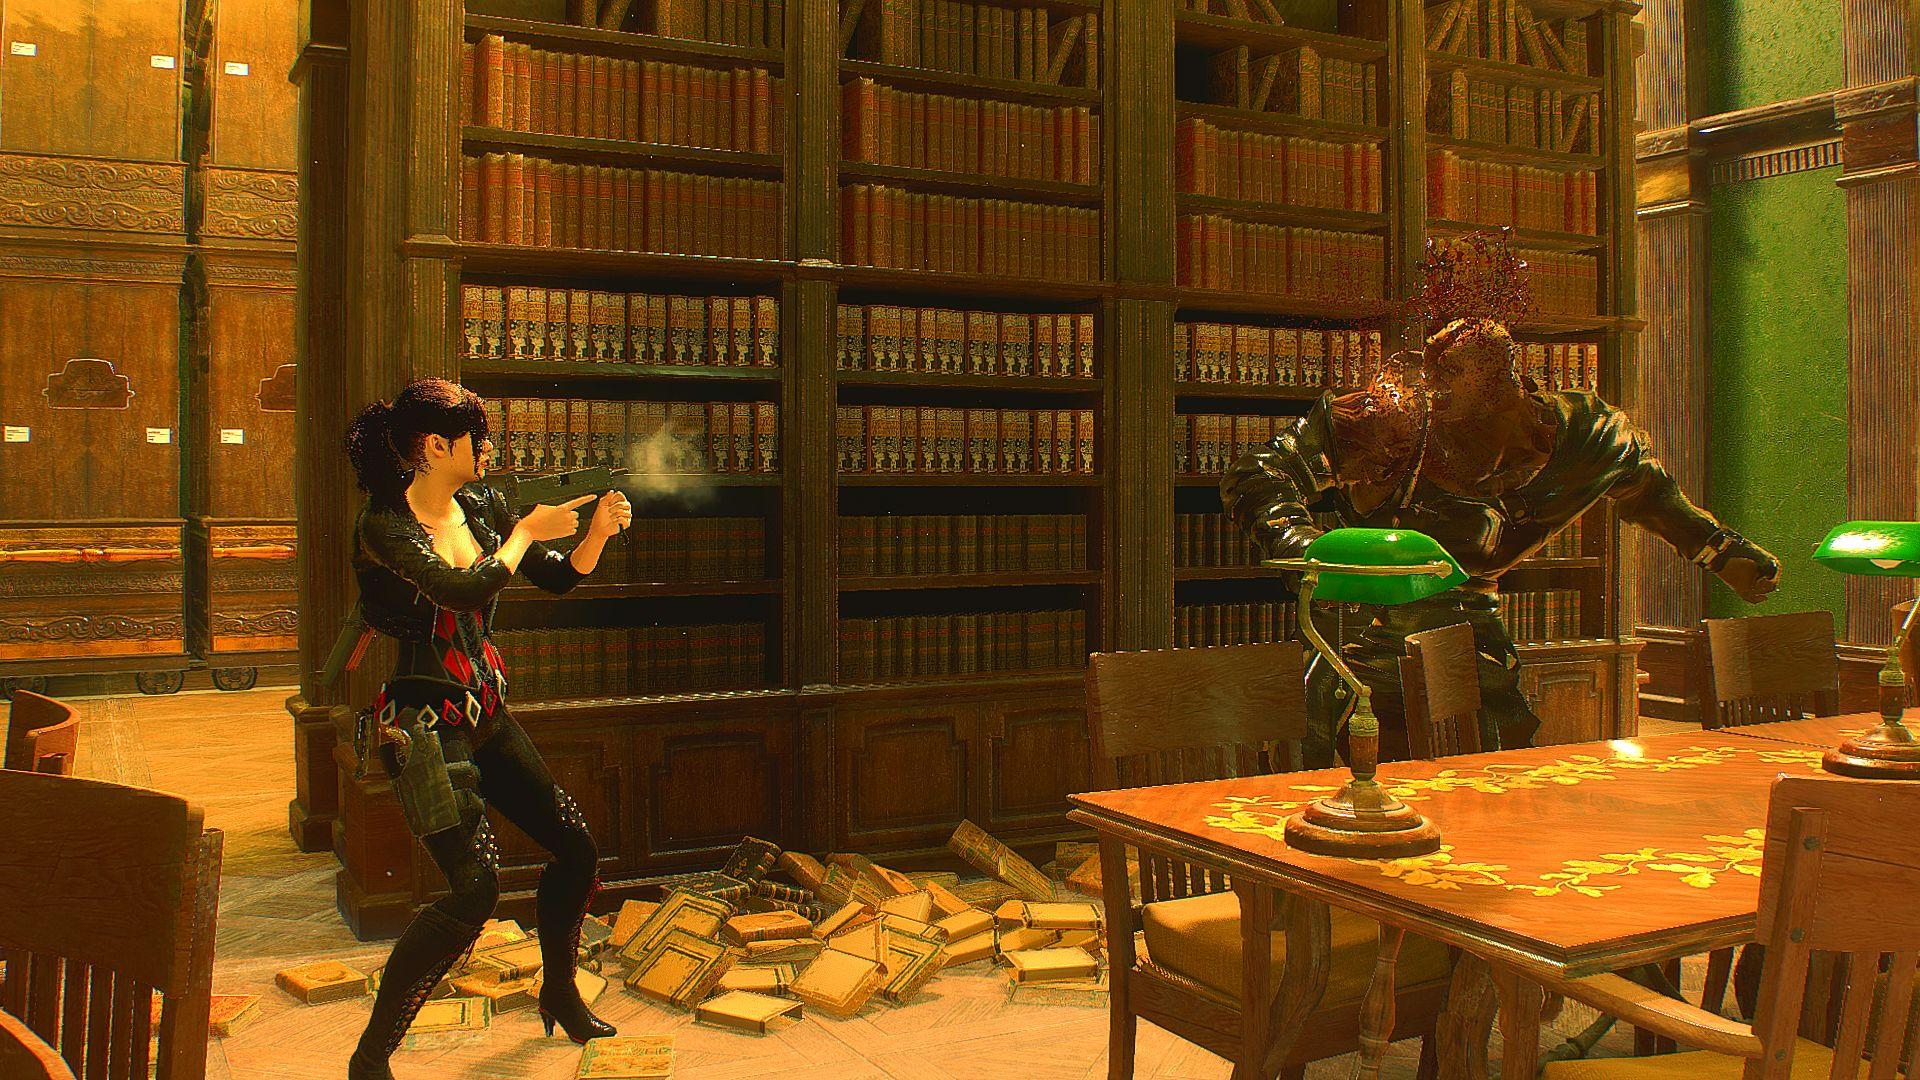 001269.Jpg - Resident Evil 2